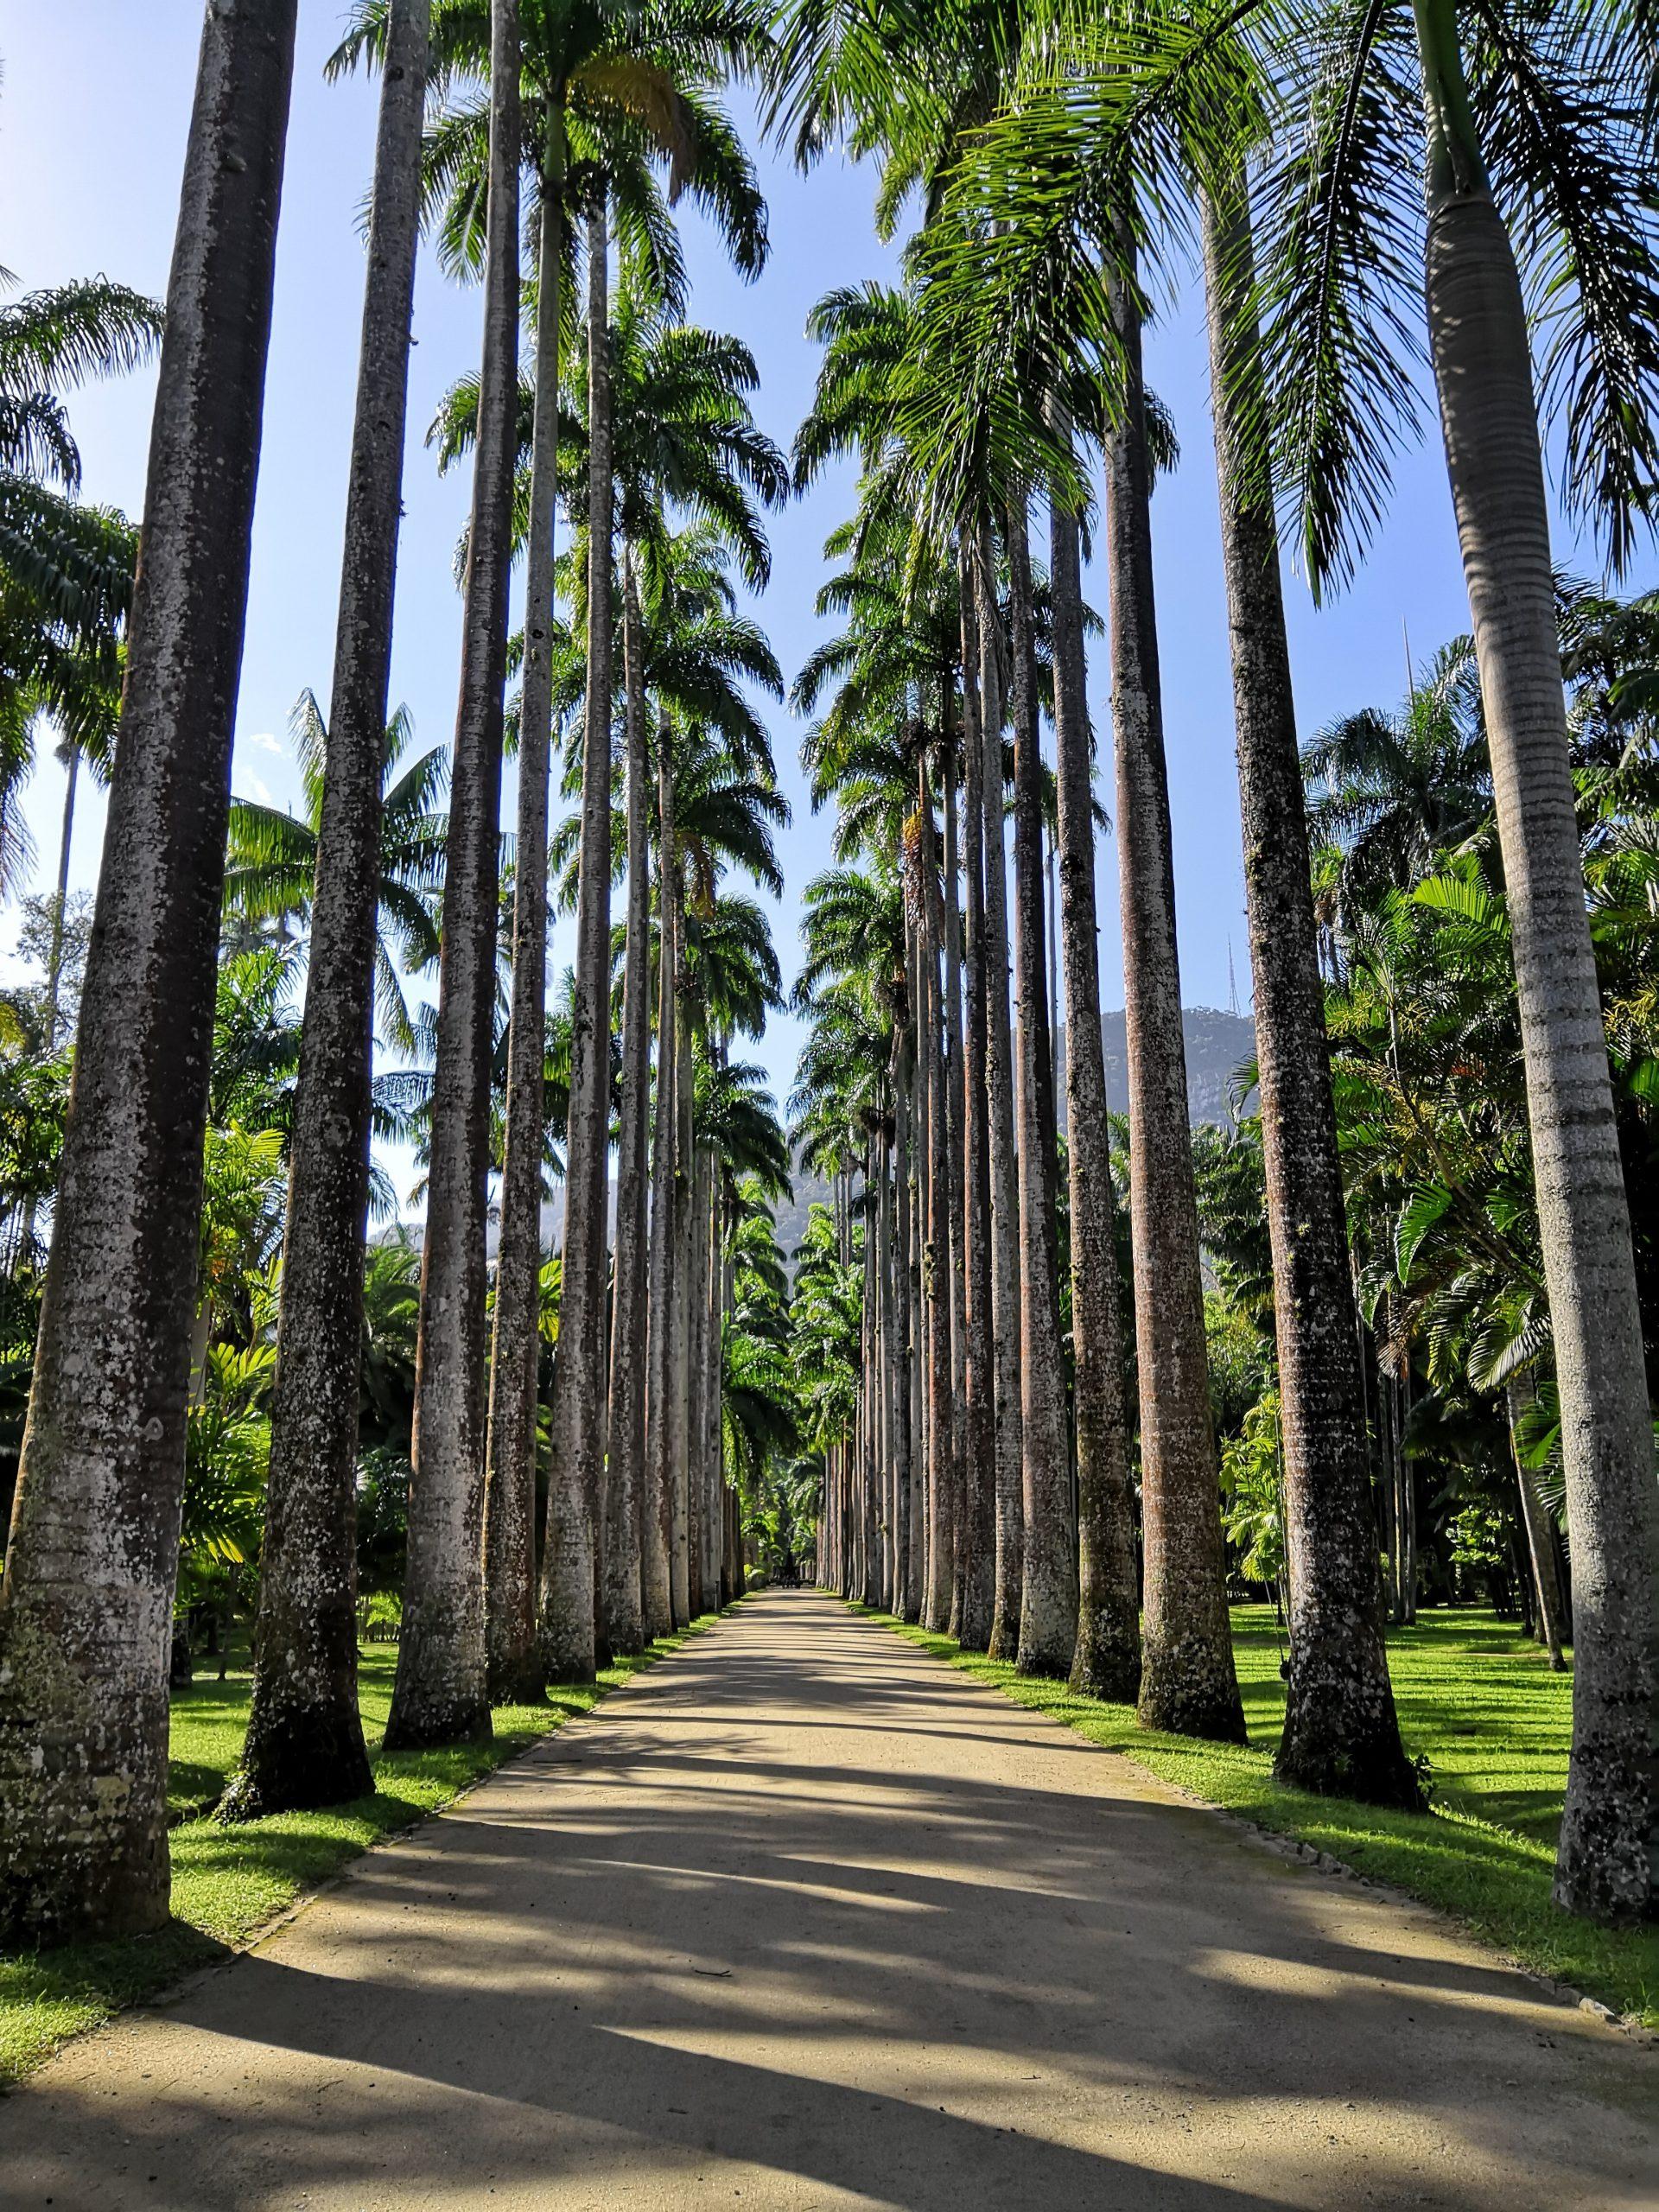 In the Waves of Bossa Sul: The Botanical Garden of RIo de Janeiro